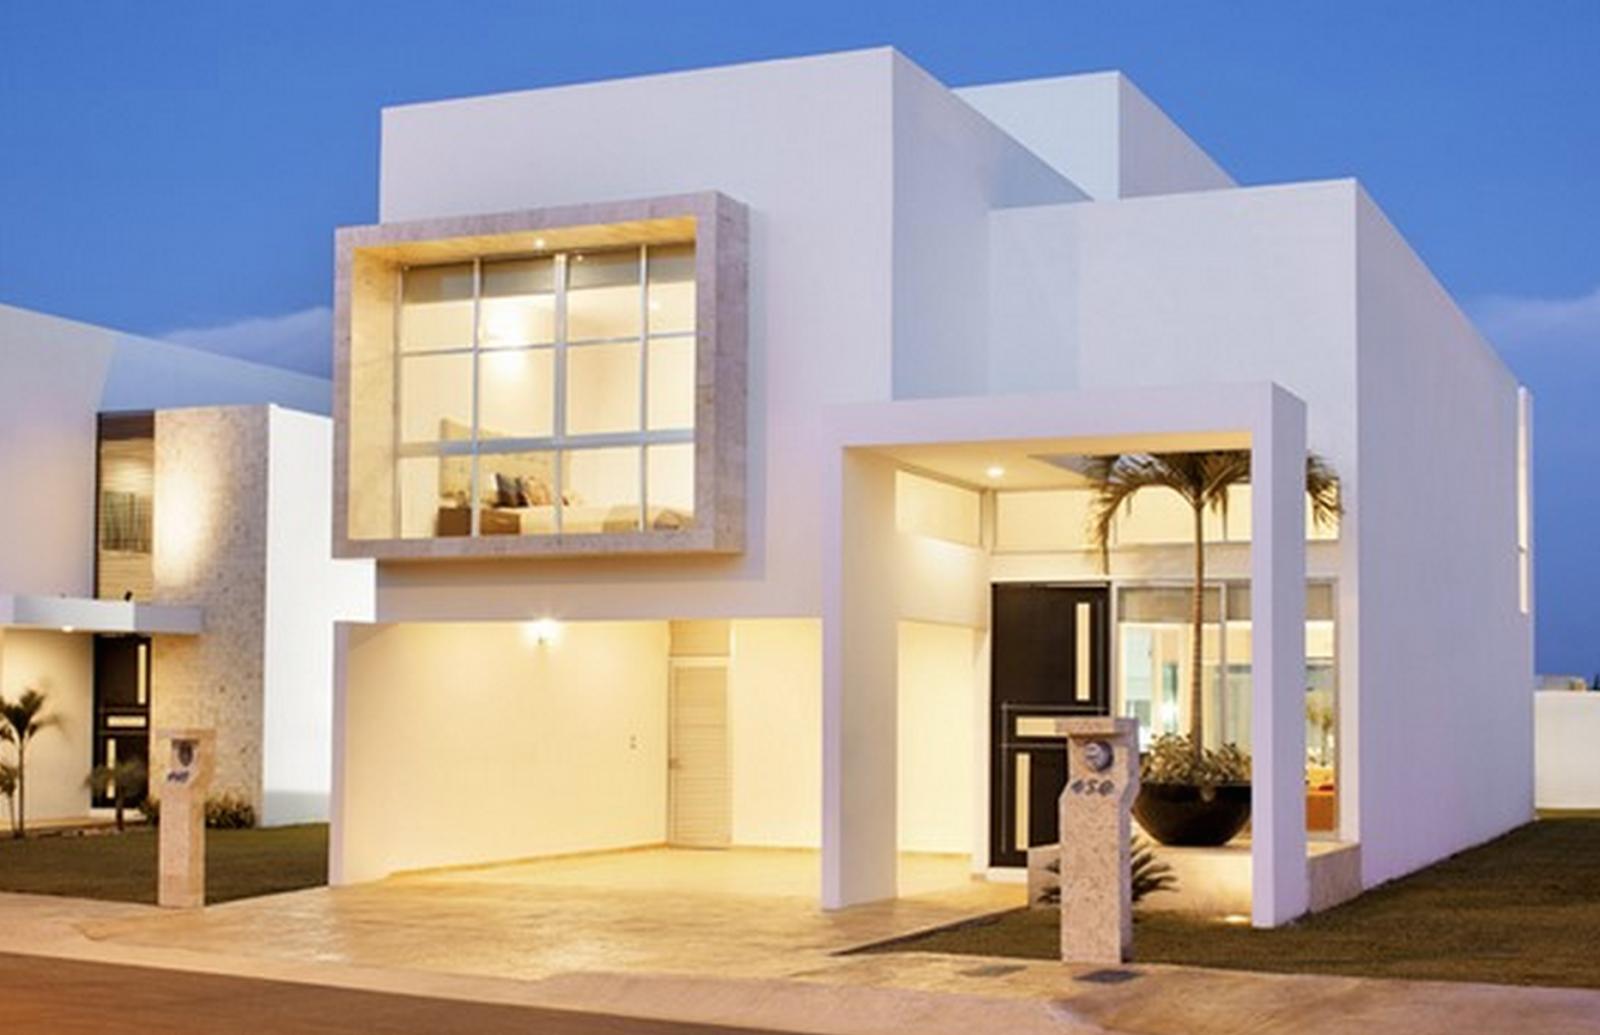 casas prefabricadas y modulares casas minimalistas ForCasas Modulares Minimalistas